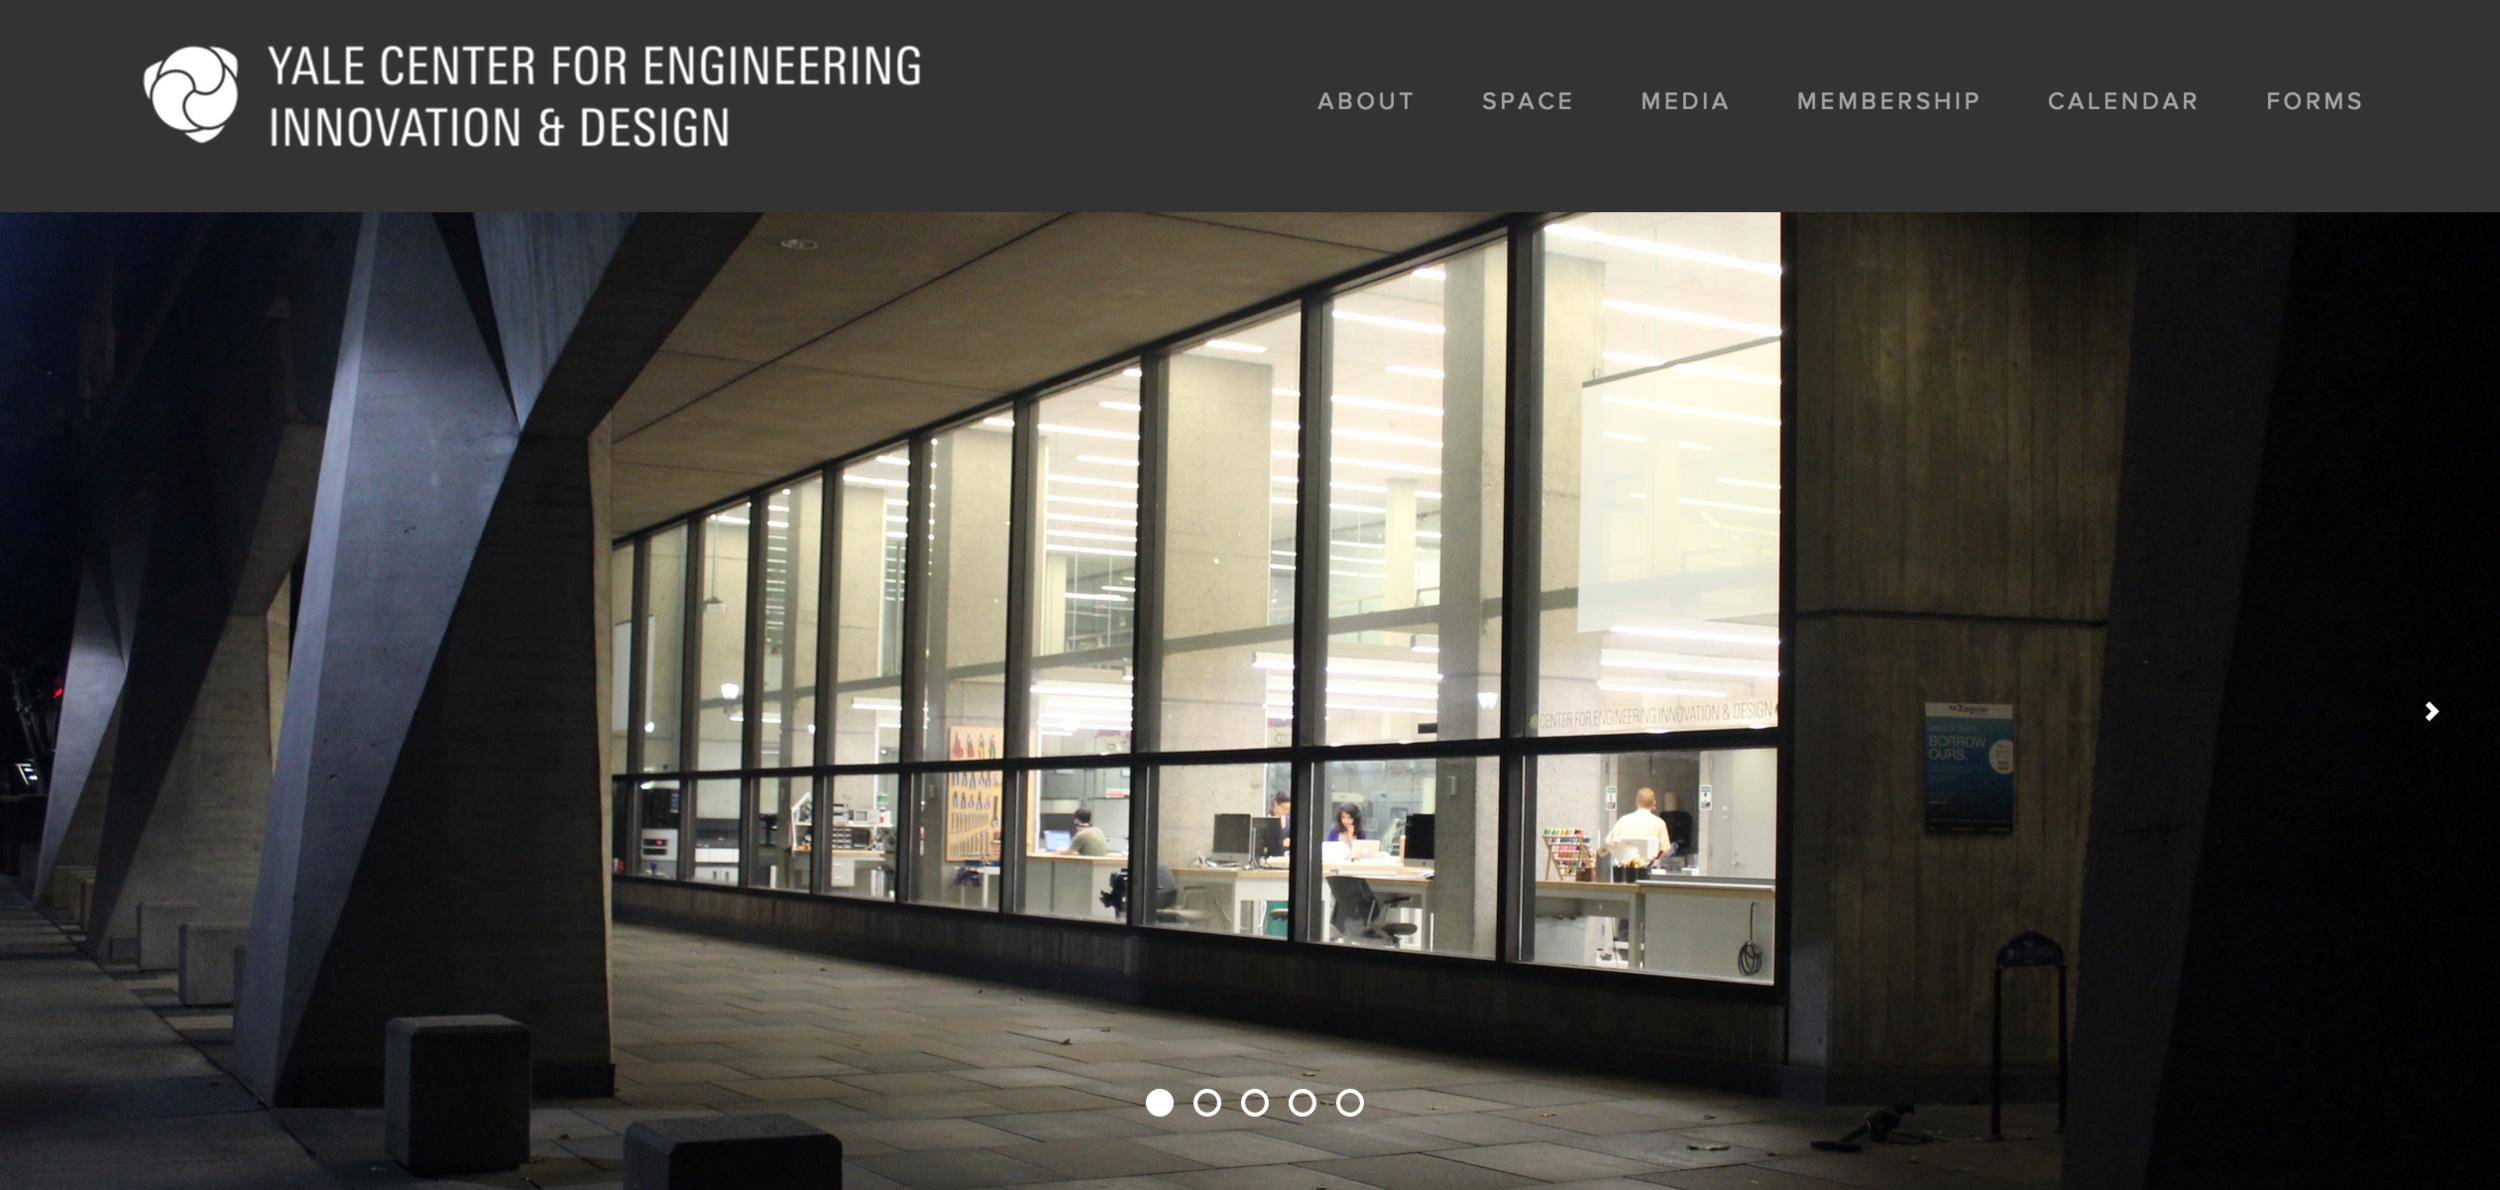 Copy of CEID Website homepage